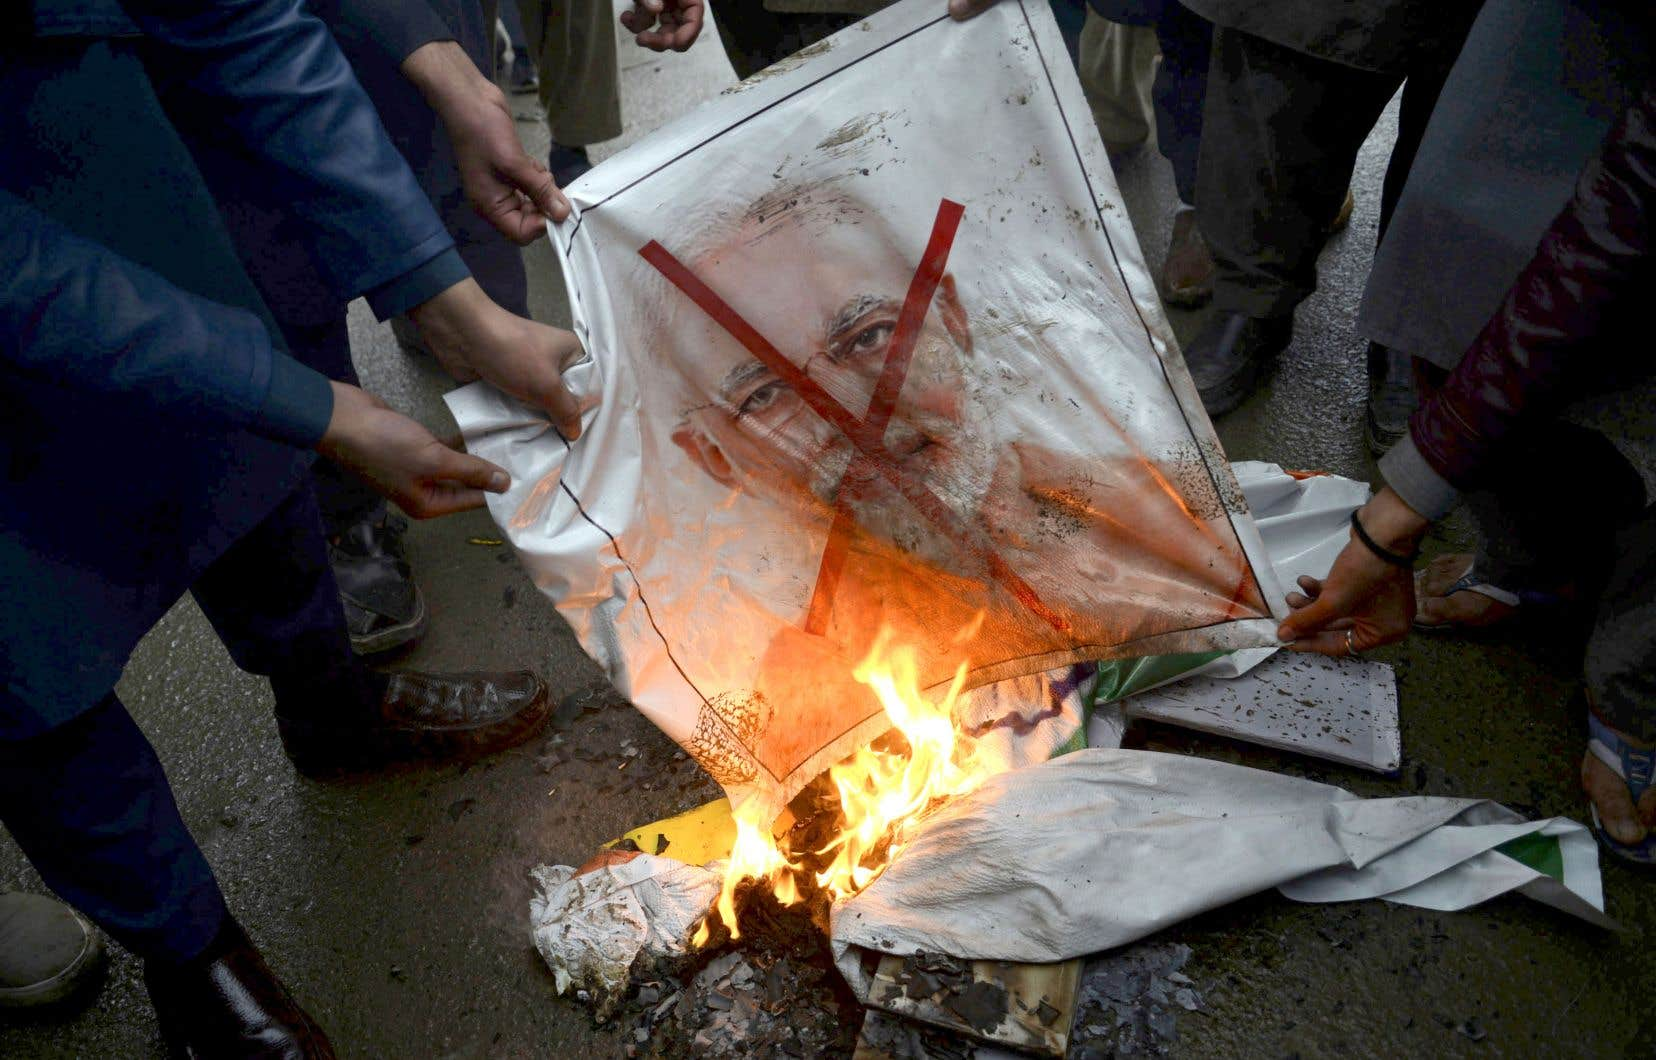 Des manifestants pakistanais brûlent une pancarte à l'effigie du premier ministre indien, Narendra Modi, mardi à Peshawar.